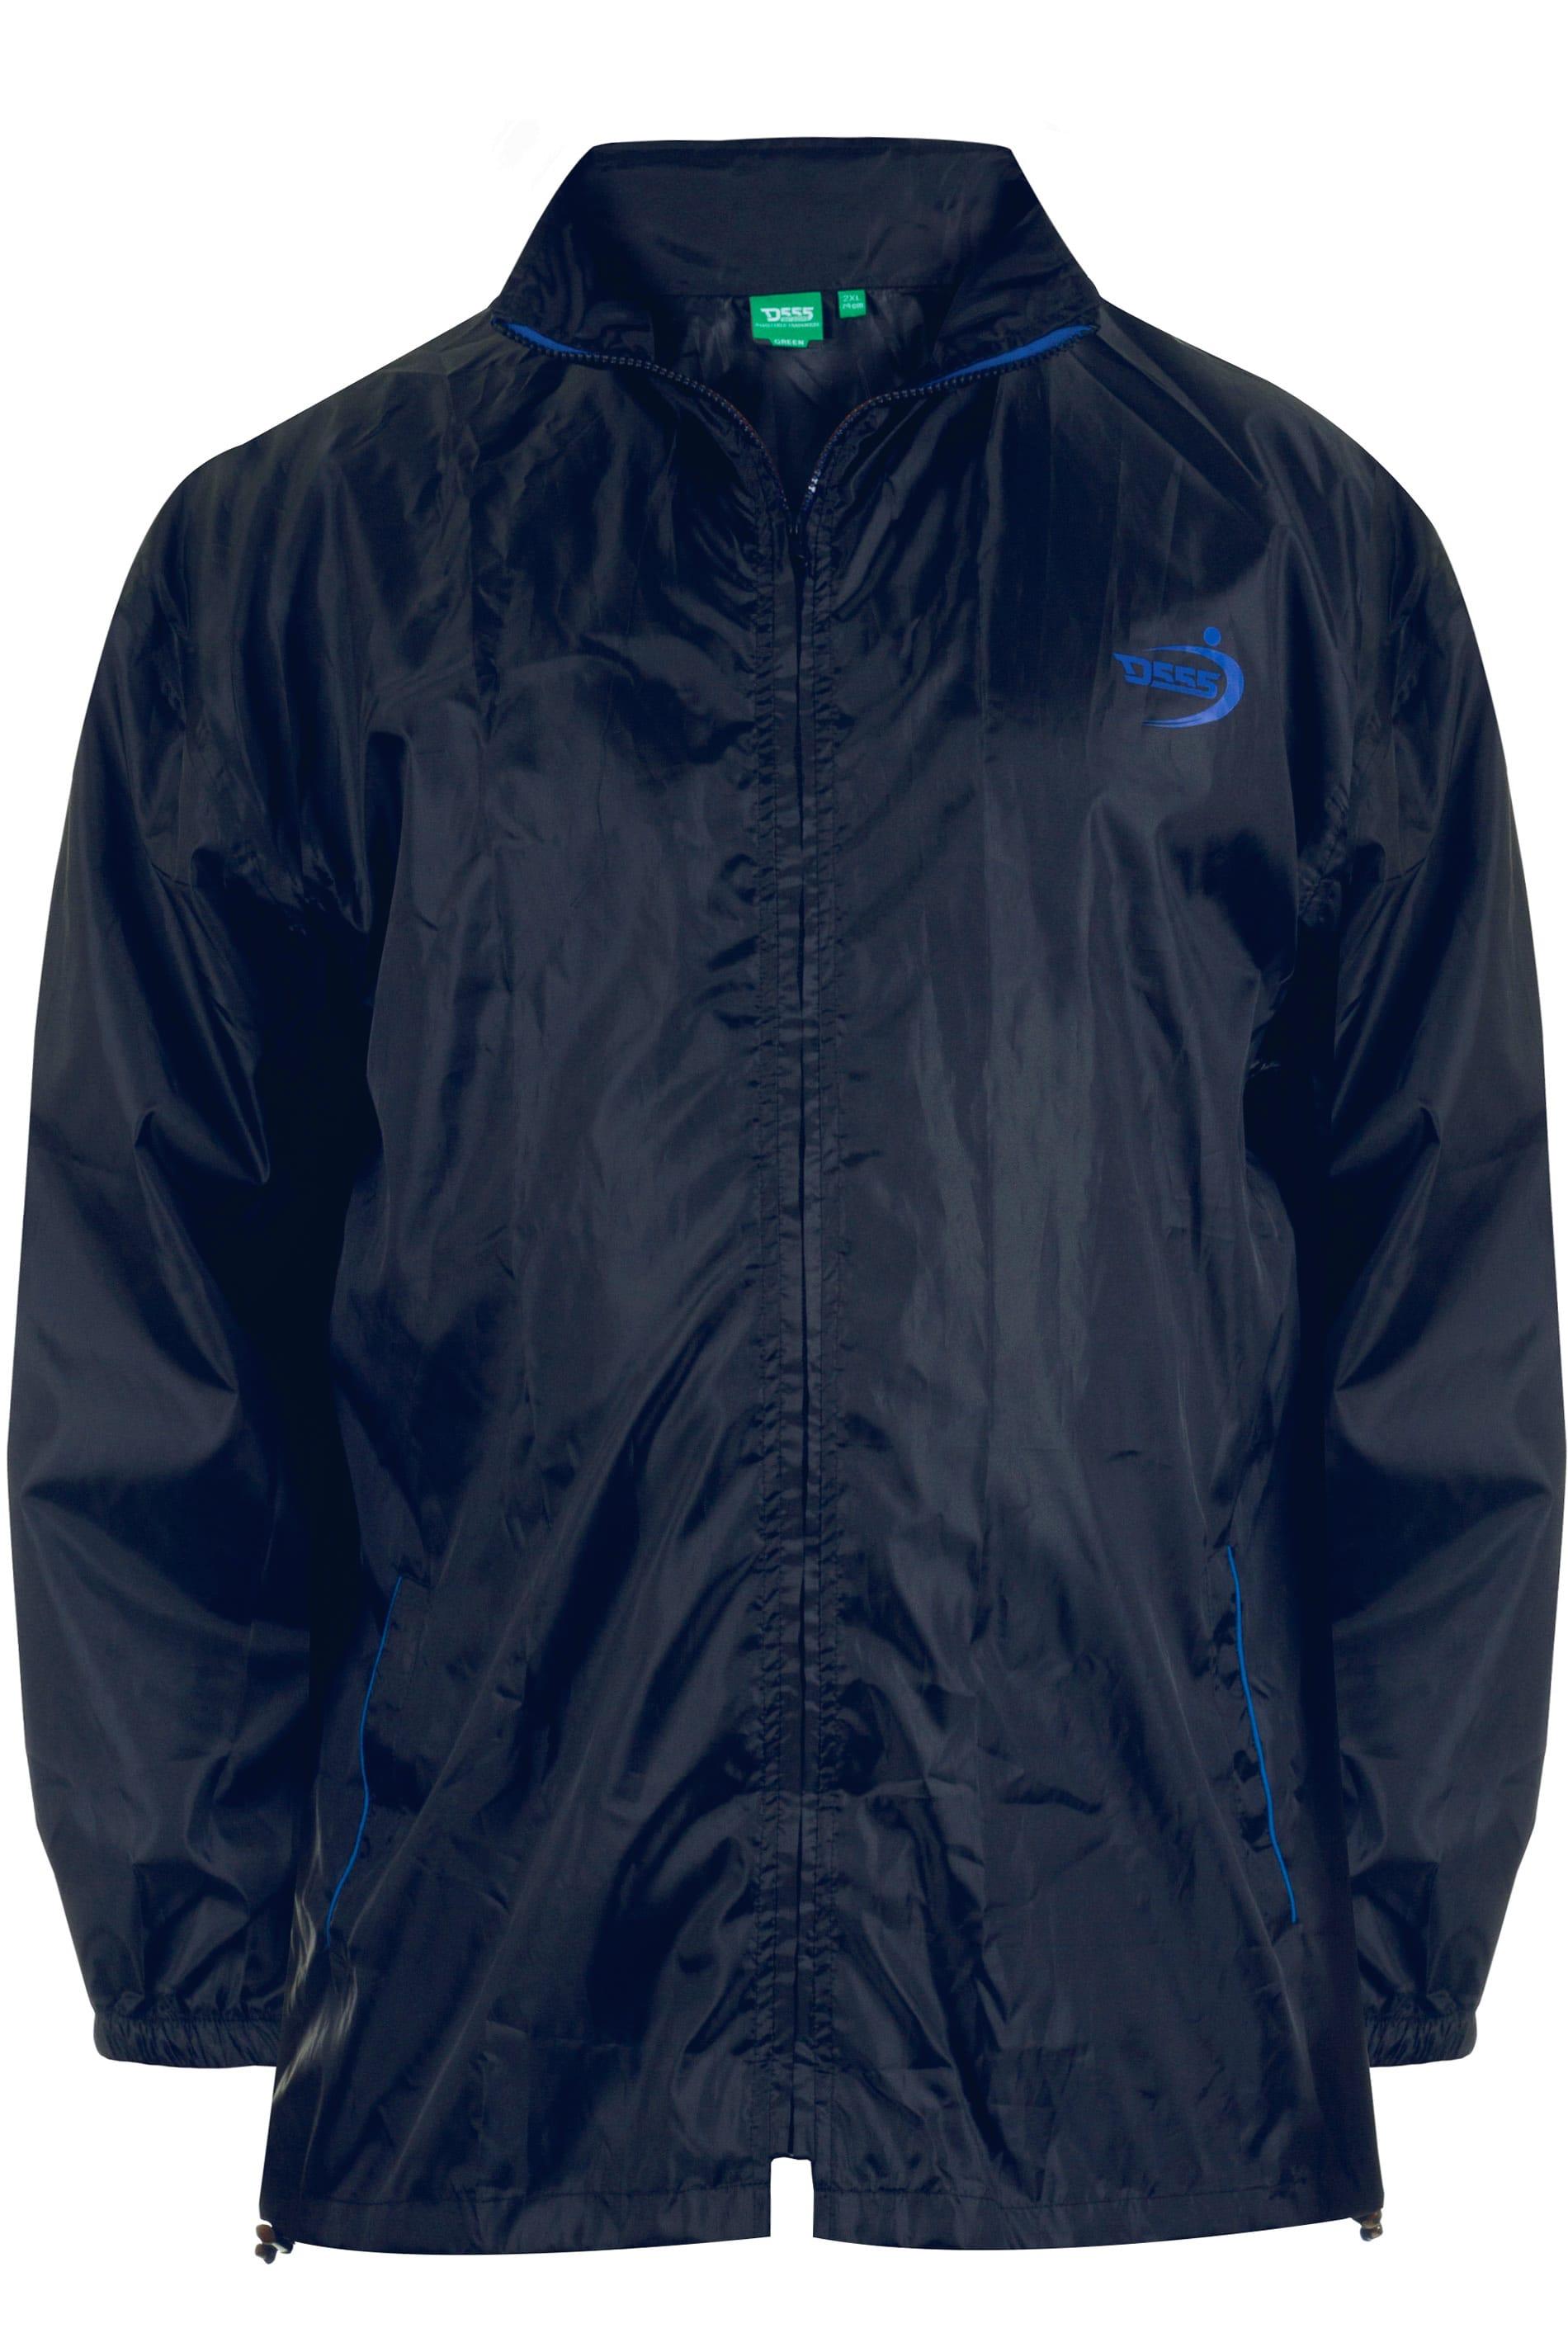 D555 Black & Navy Foldaway Waterproof Jacket